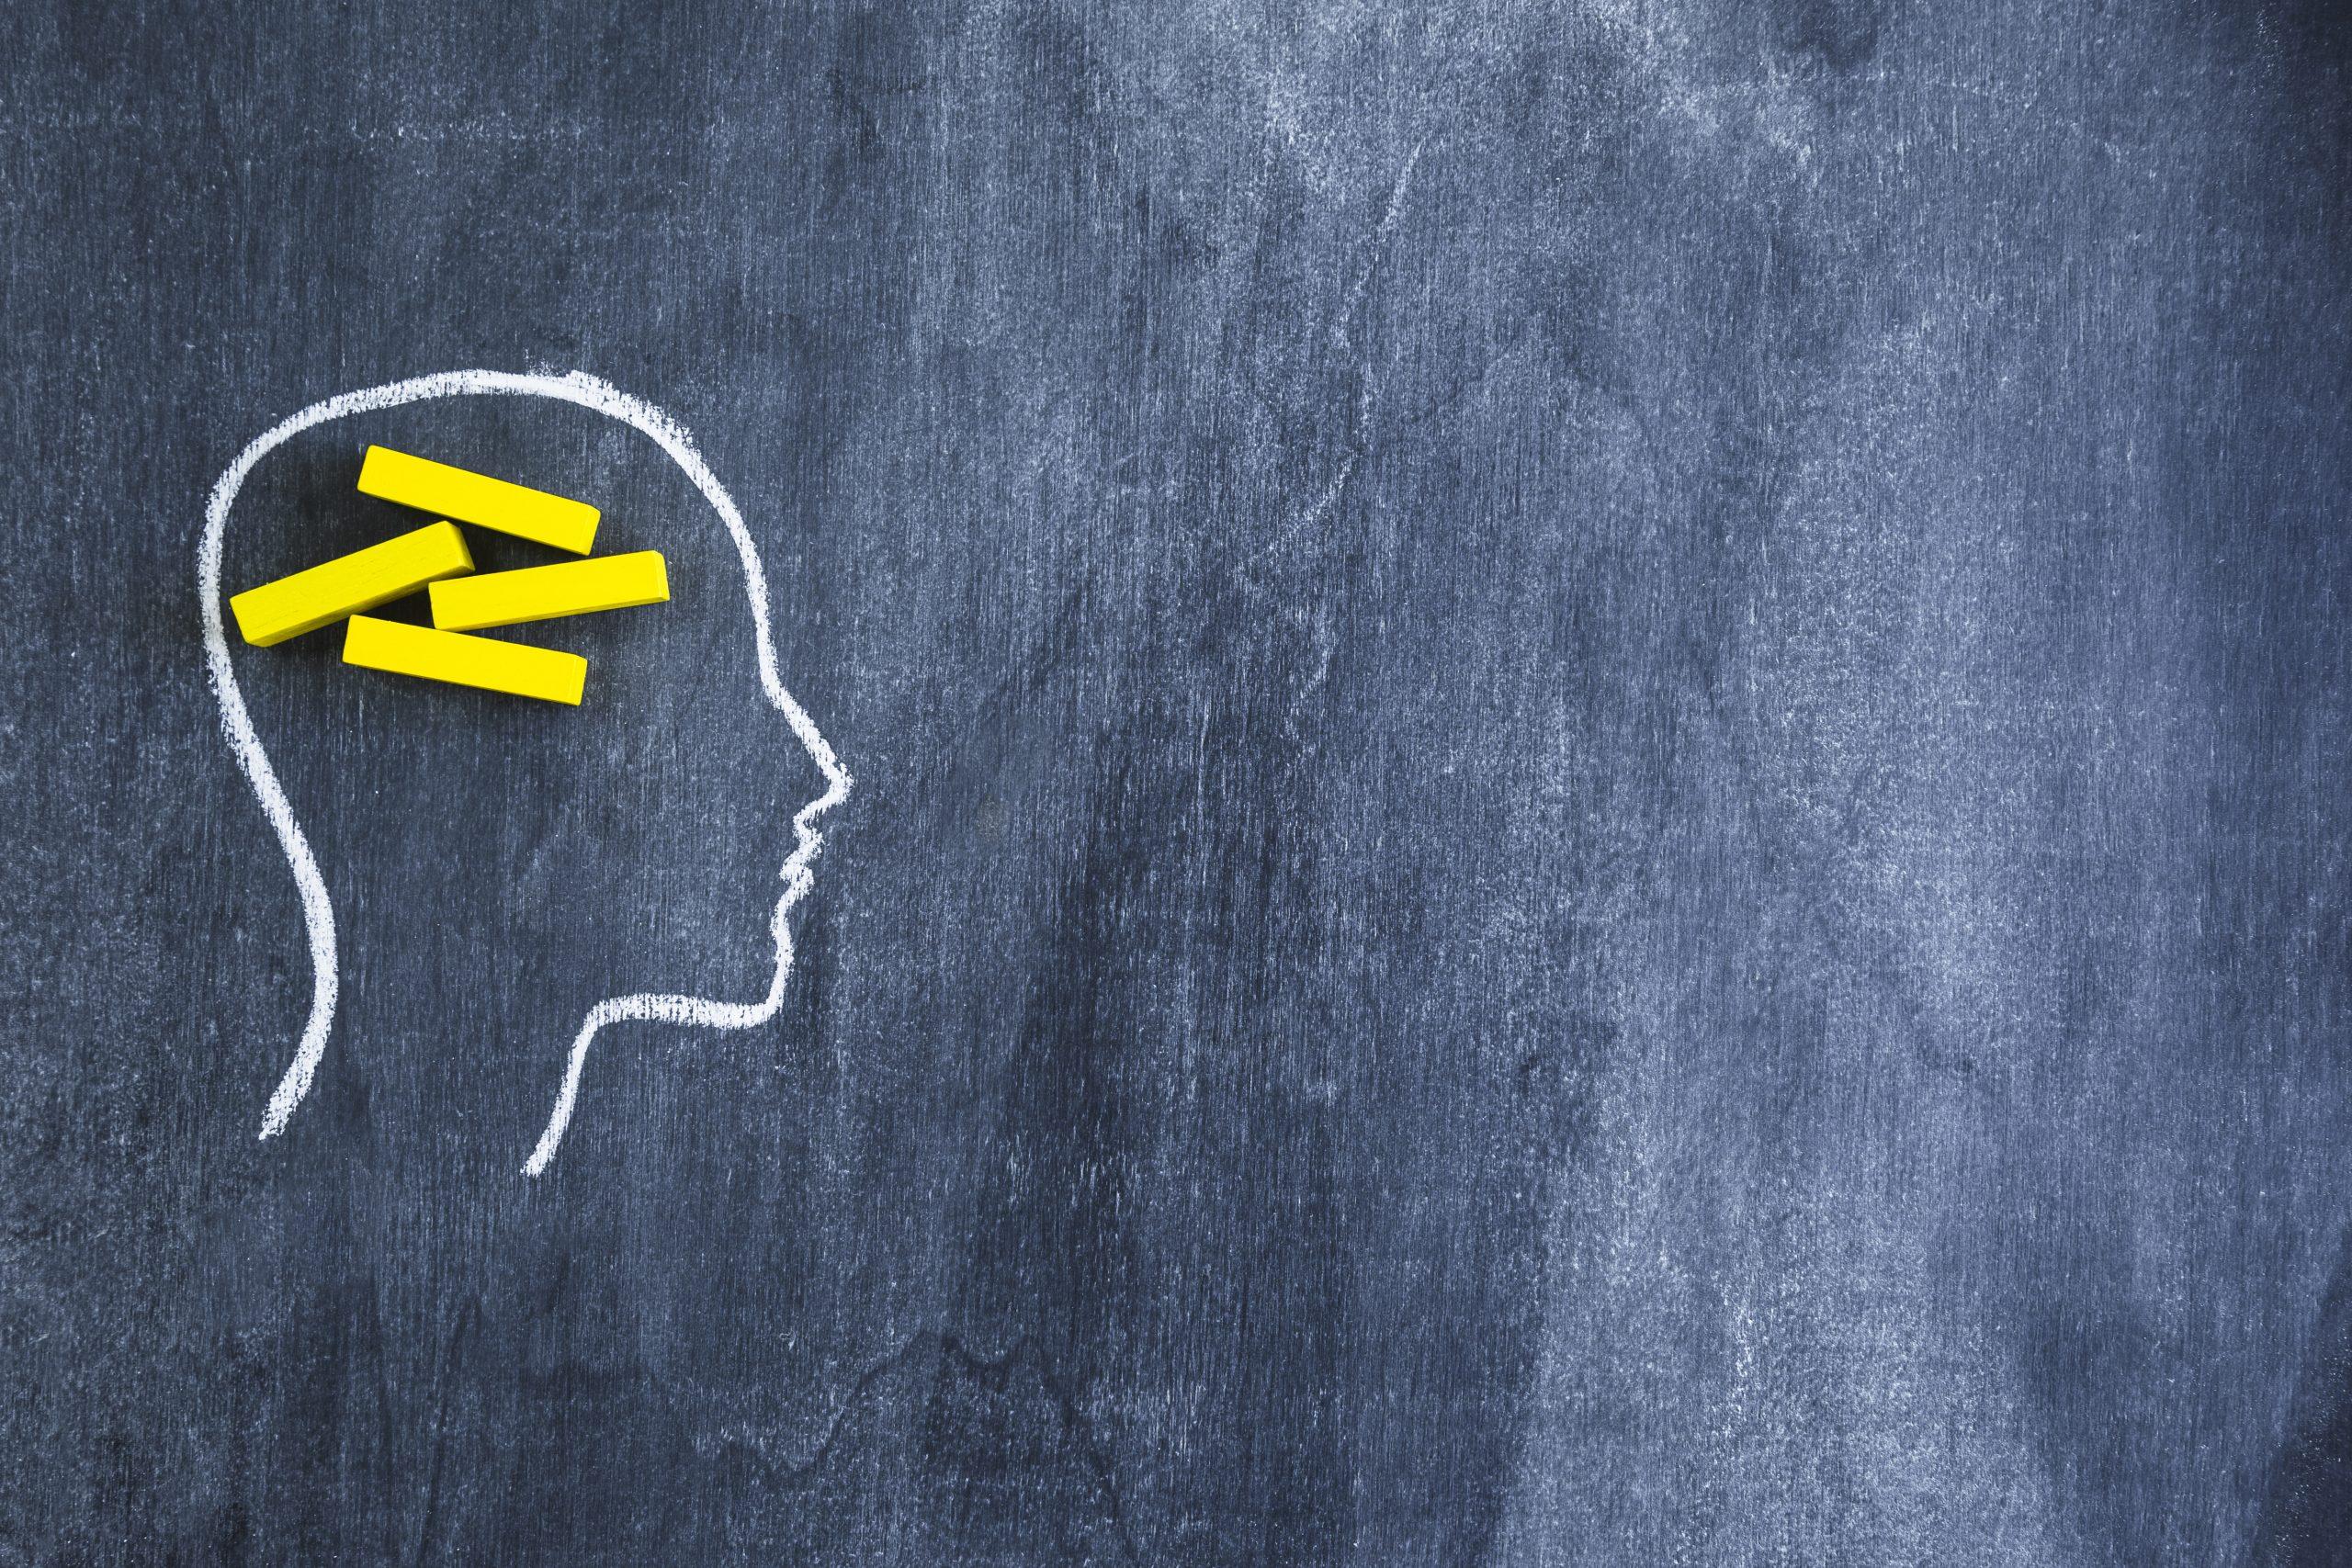 Uso del lenguaje y estigma en el paciente de servicios de salud mental